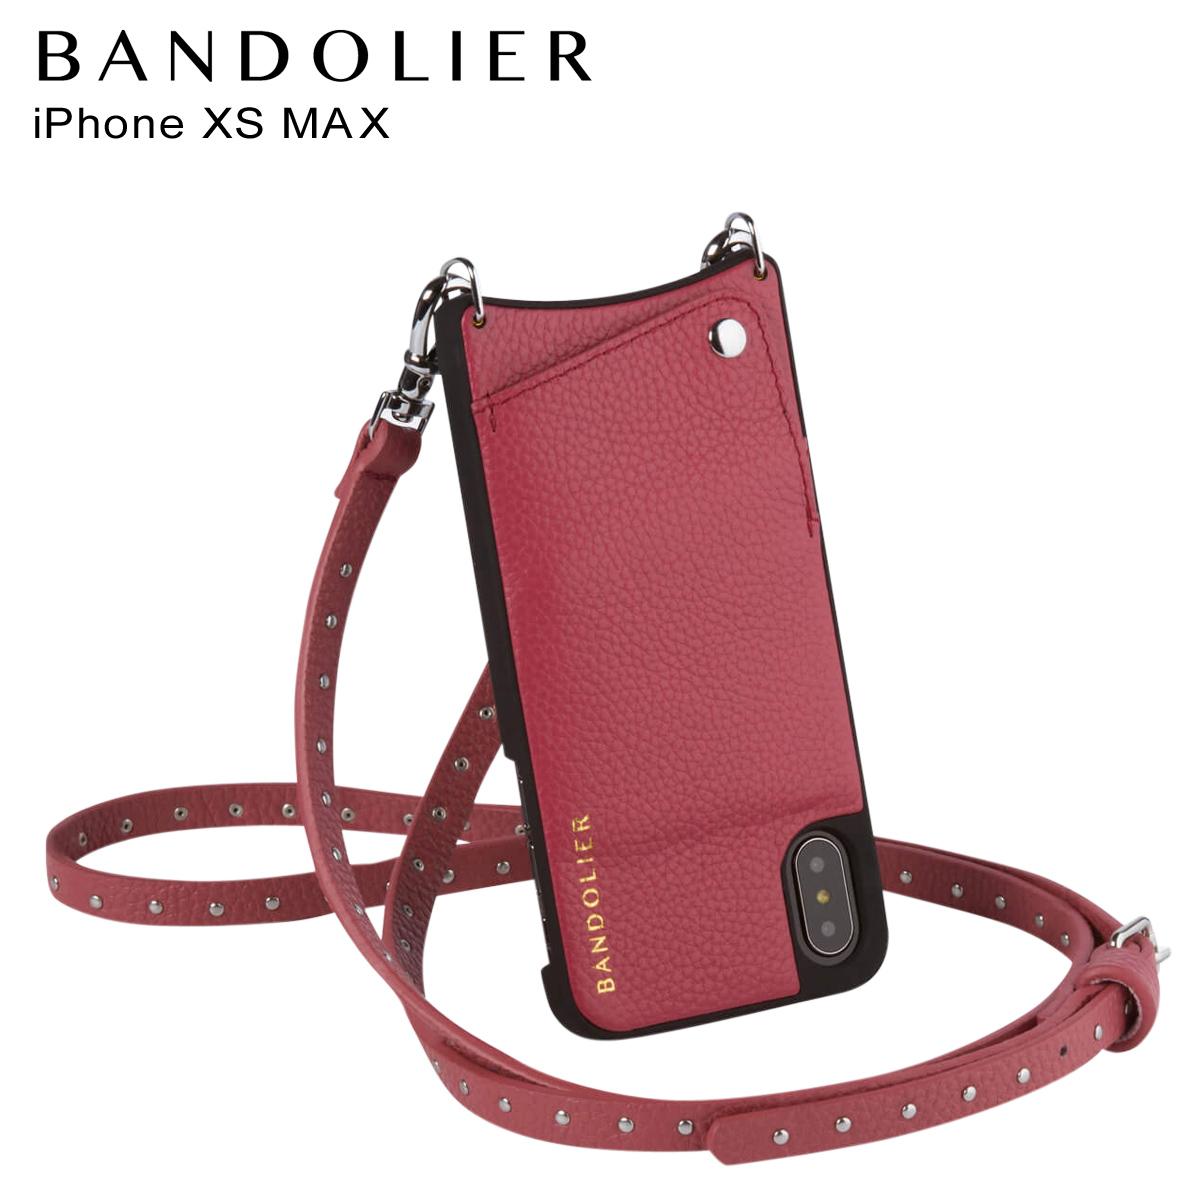 バンドリヤー BANDOLIER iPhone XS MAX ケース ショルダー スマホ アイフォン レザー NICOLE MAGENTA RED メンズ レディース マゼンタ レッド 赤 10NIC1001 [3/18 再入荷]